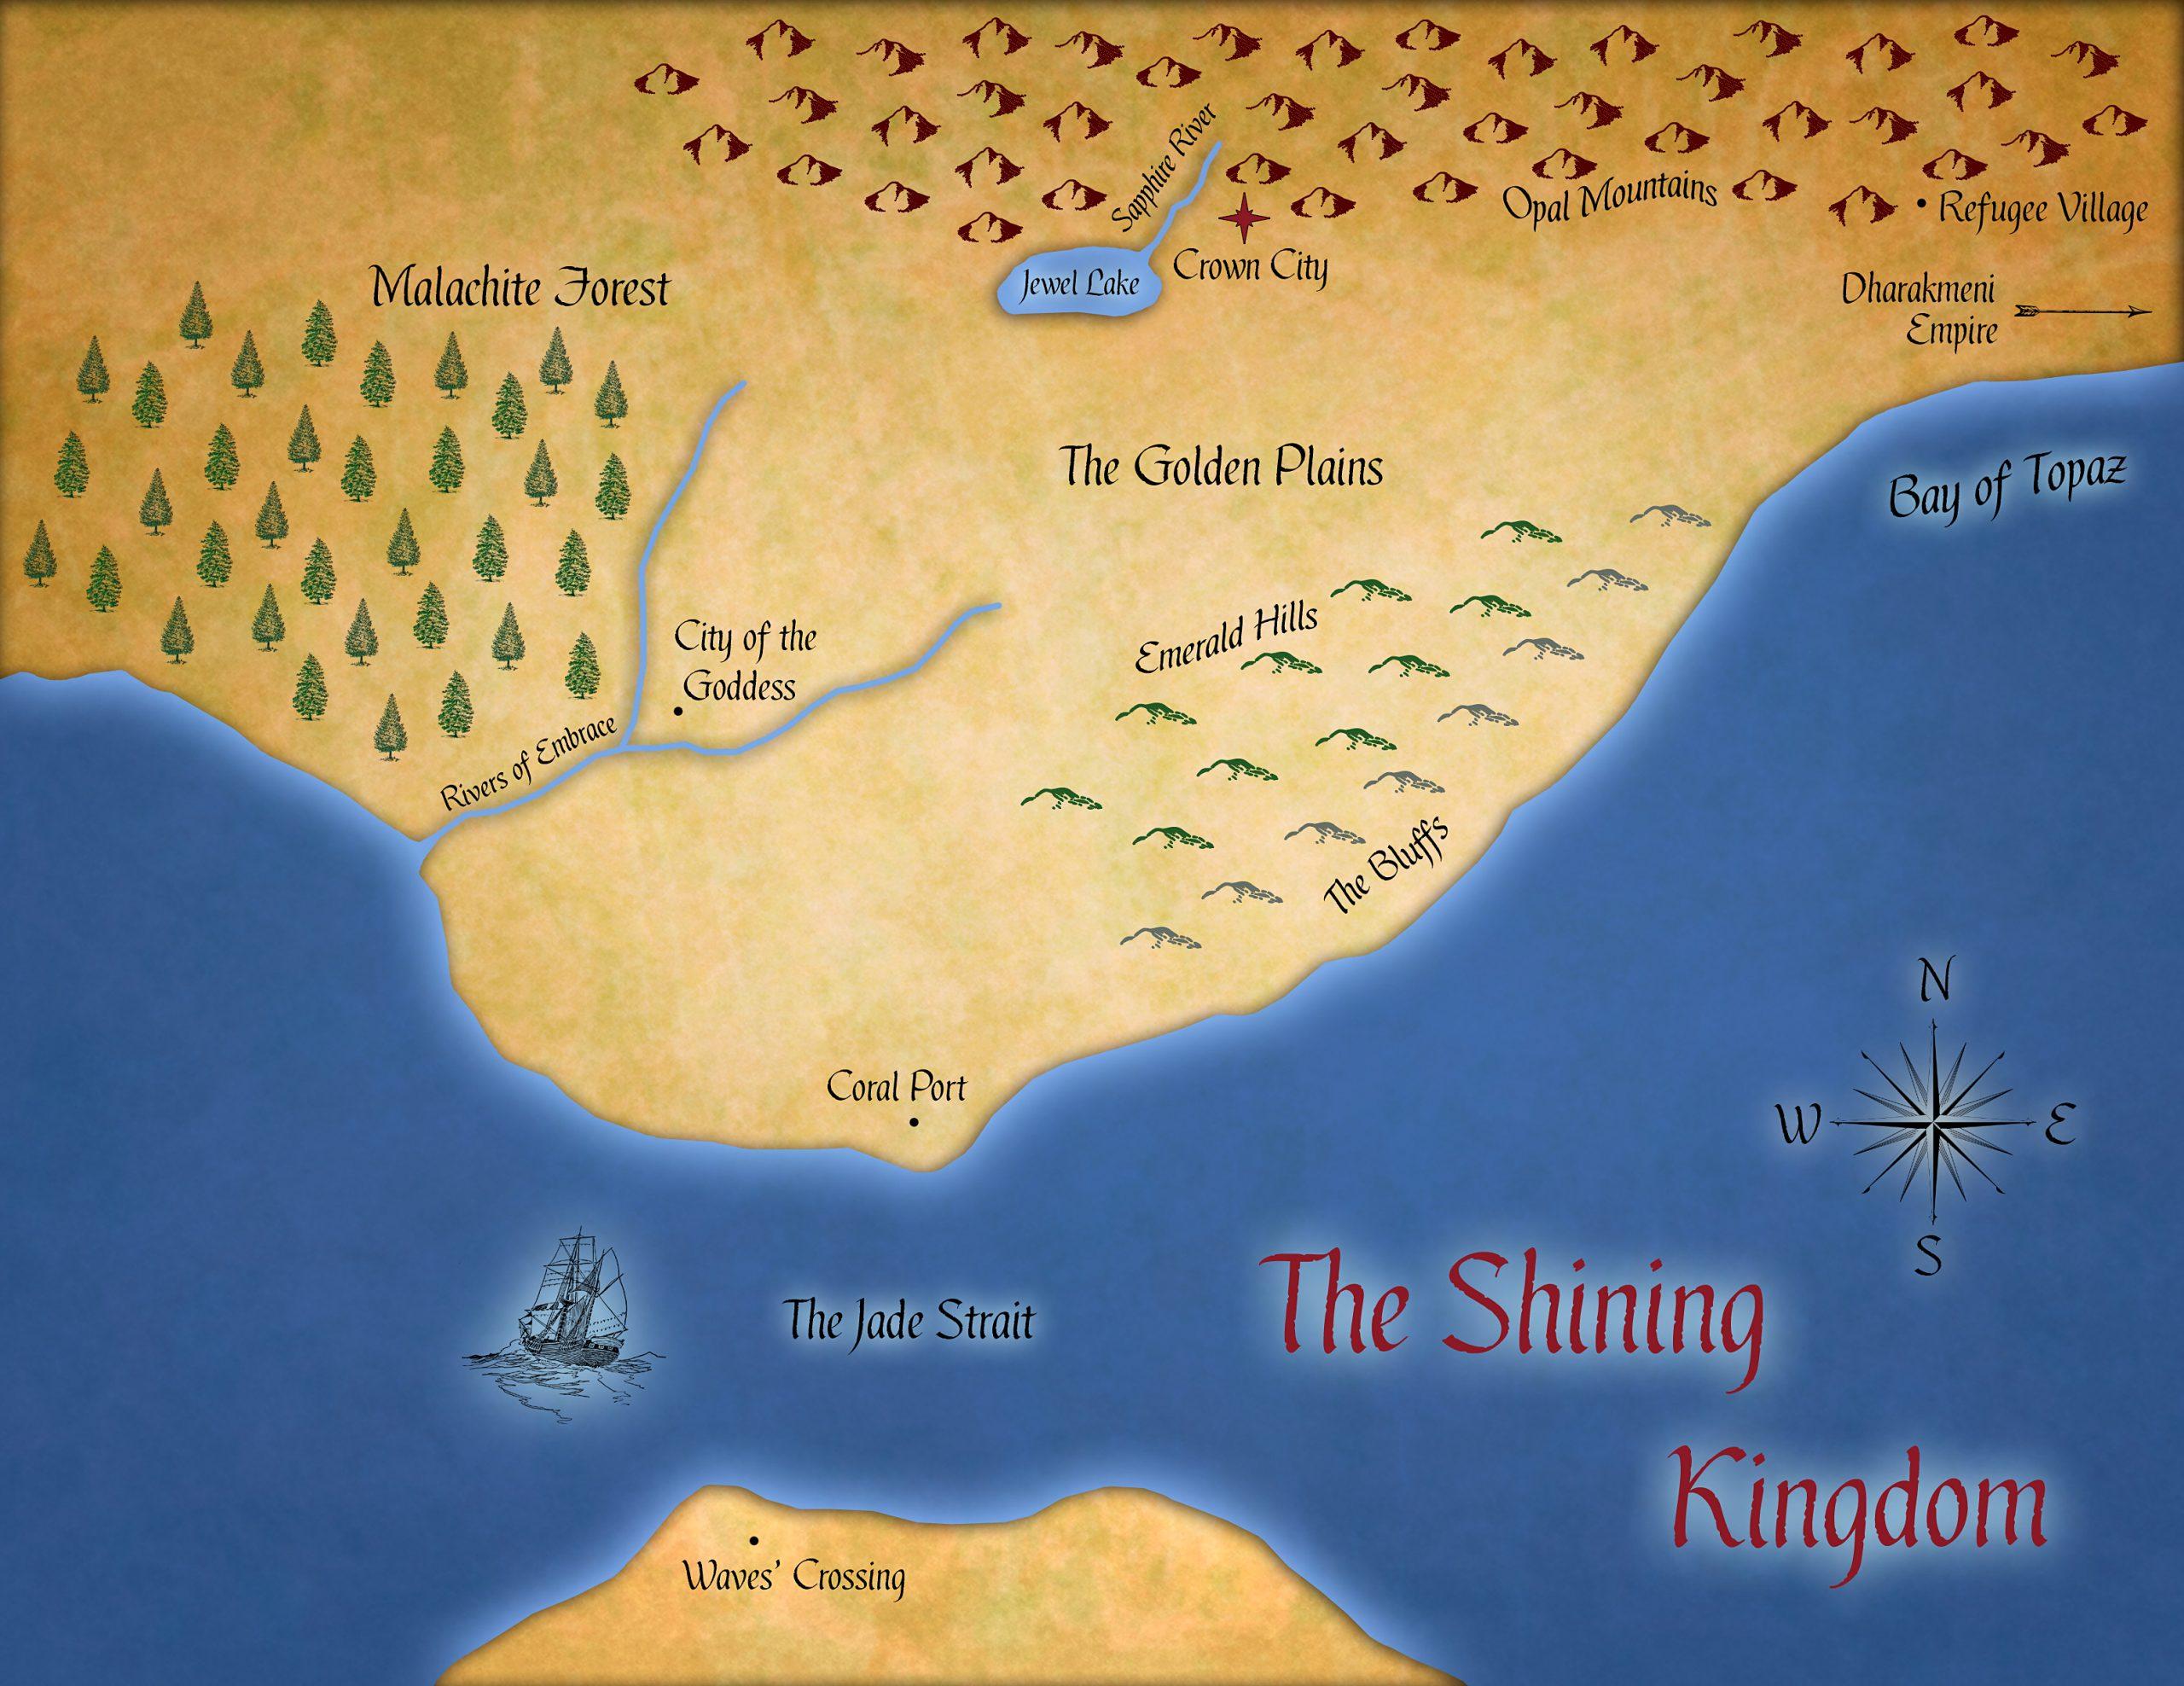 Shining Kingdom Map